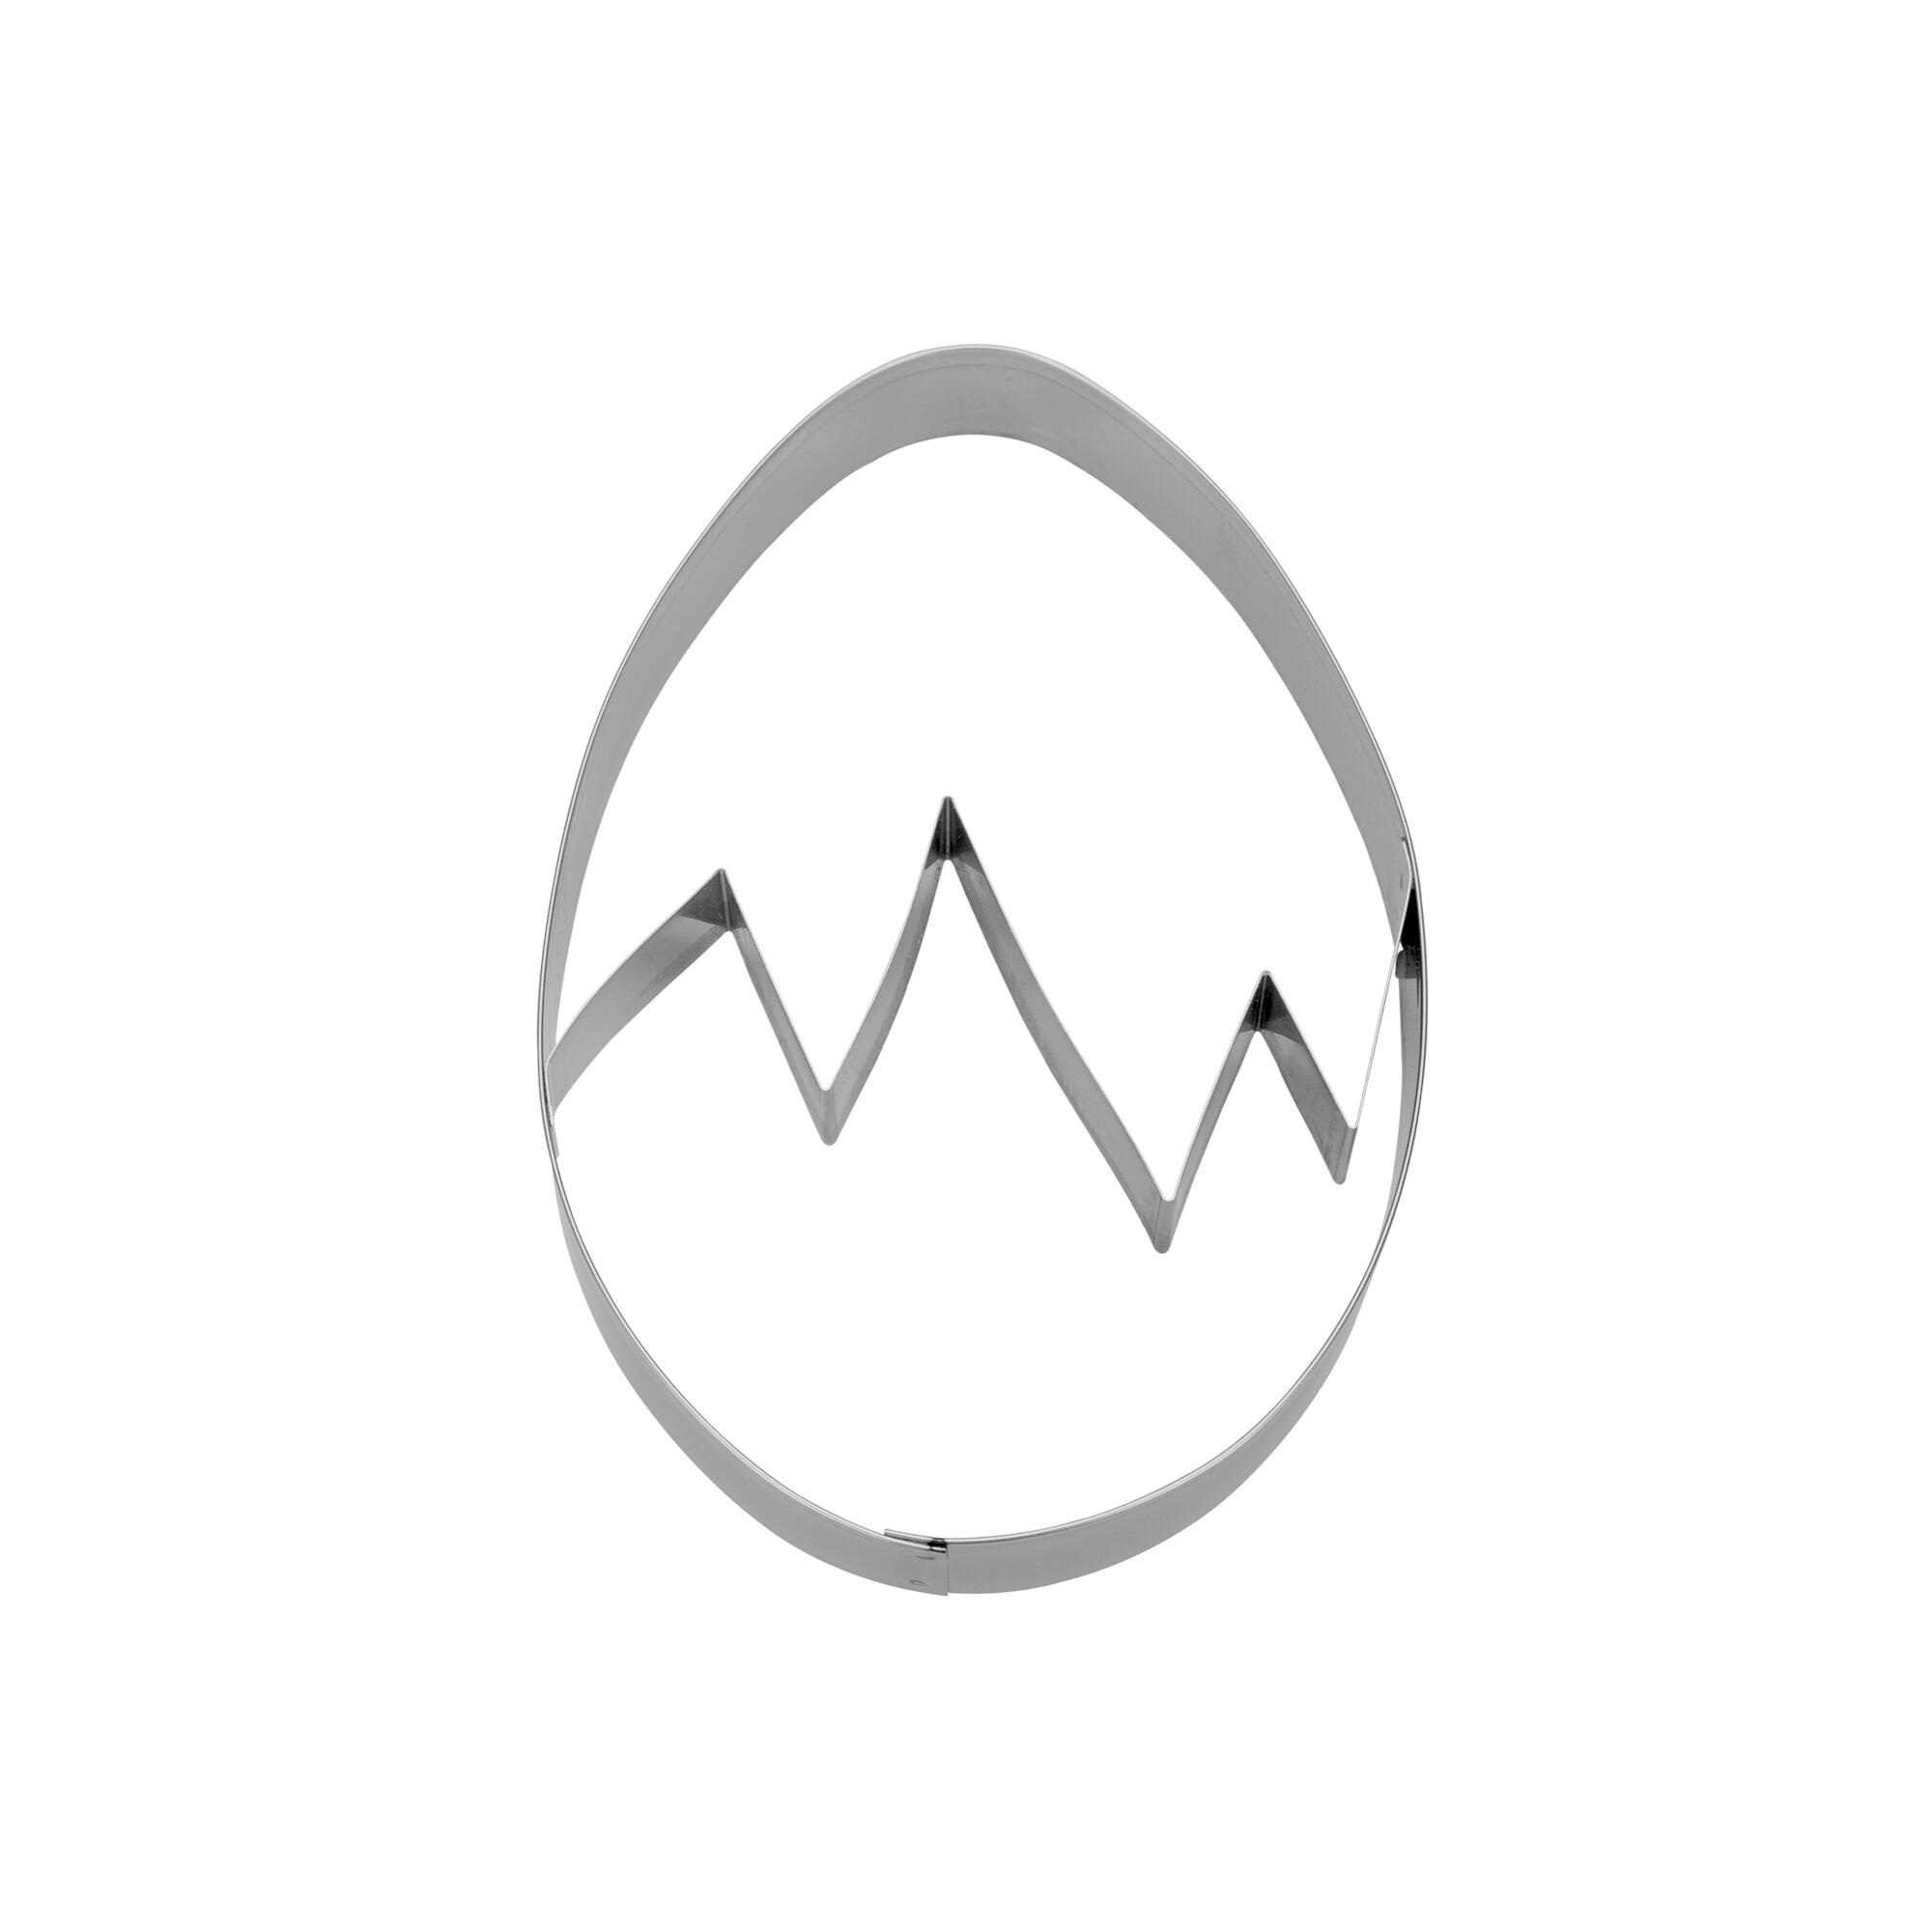 Präge-Ausstecher - Ei - mit Prägesteg